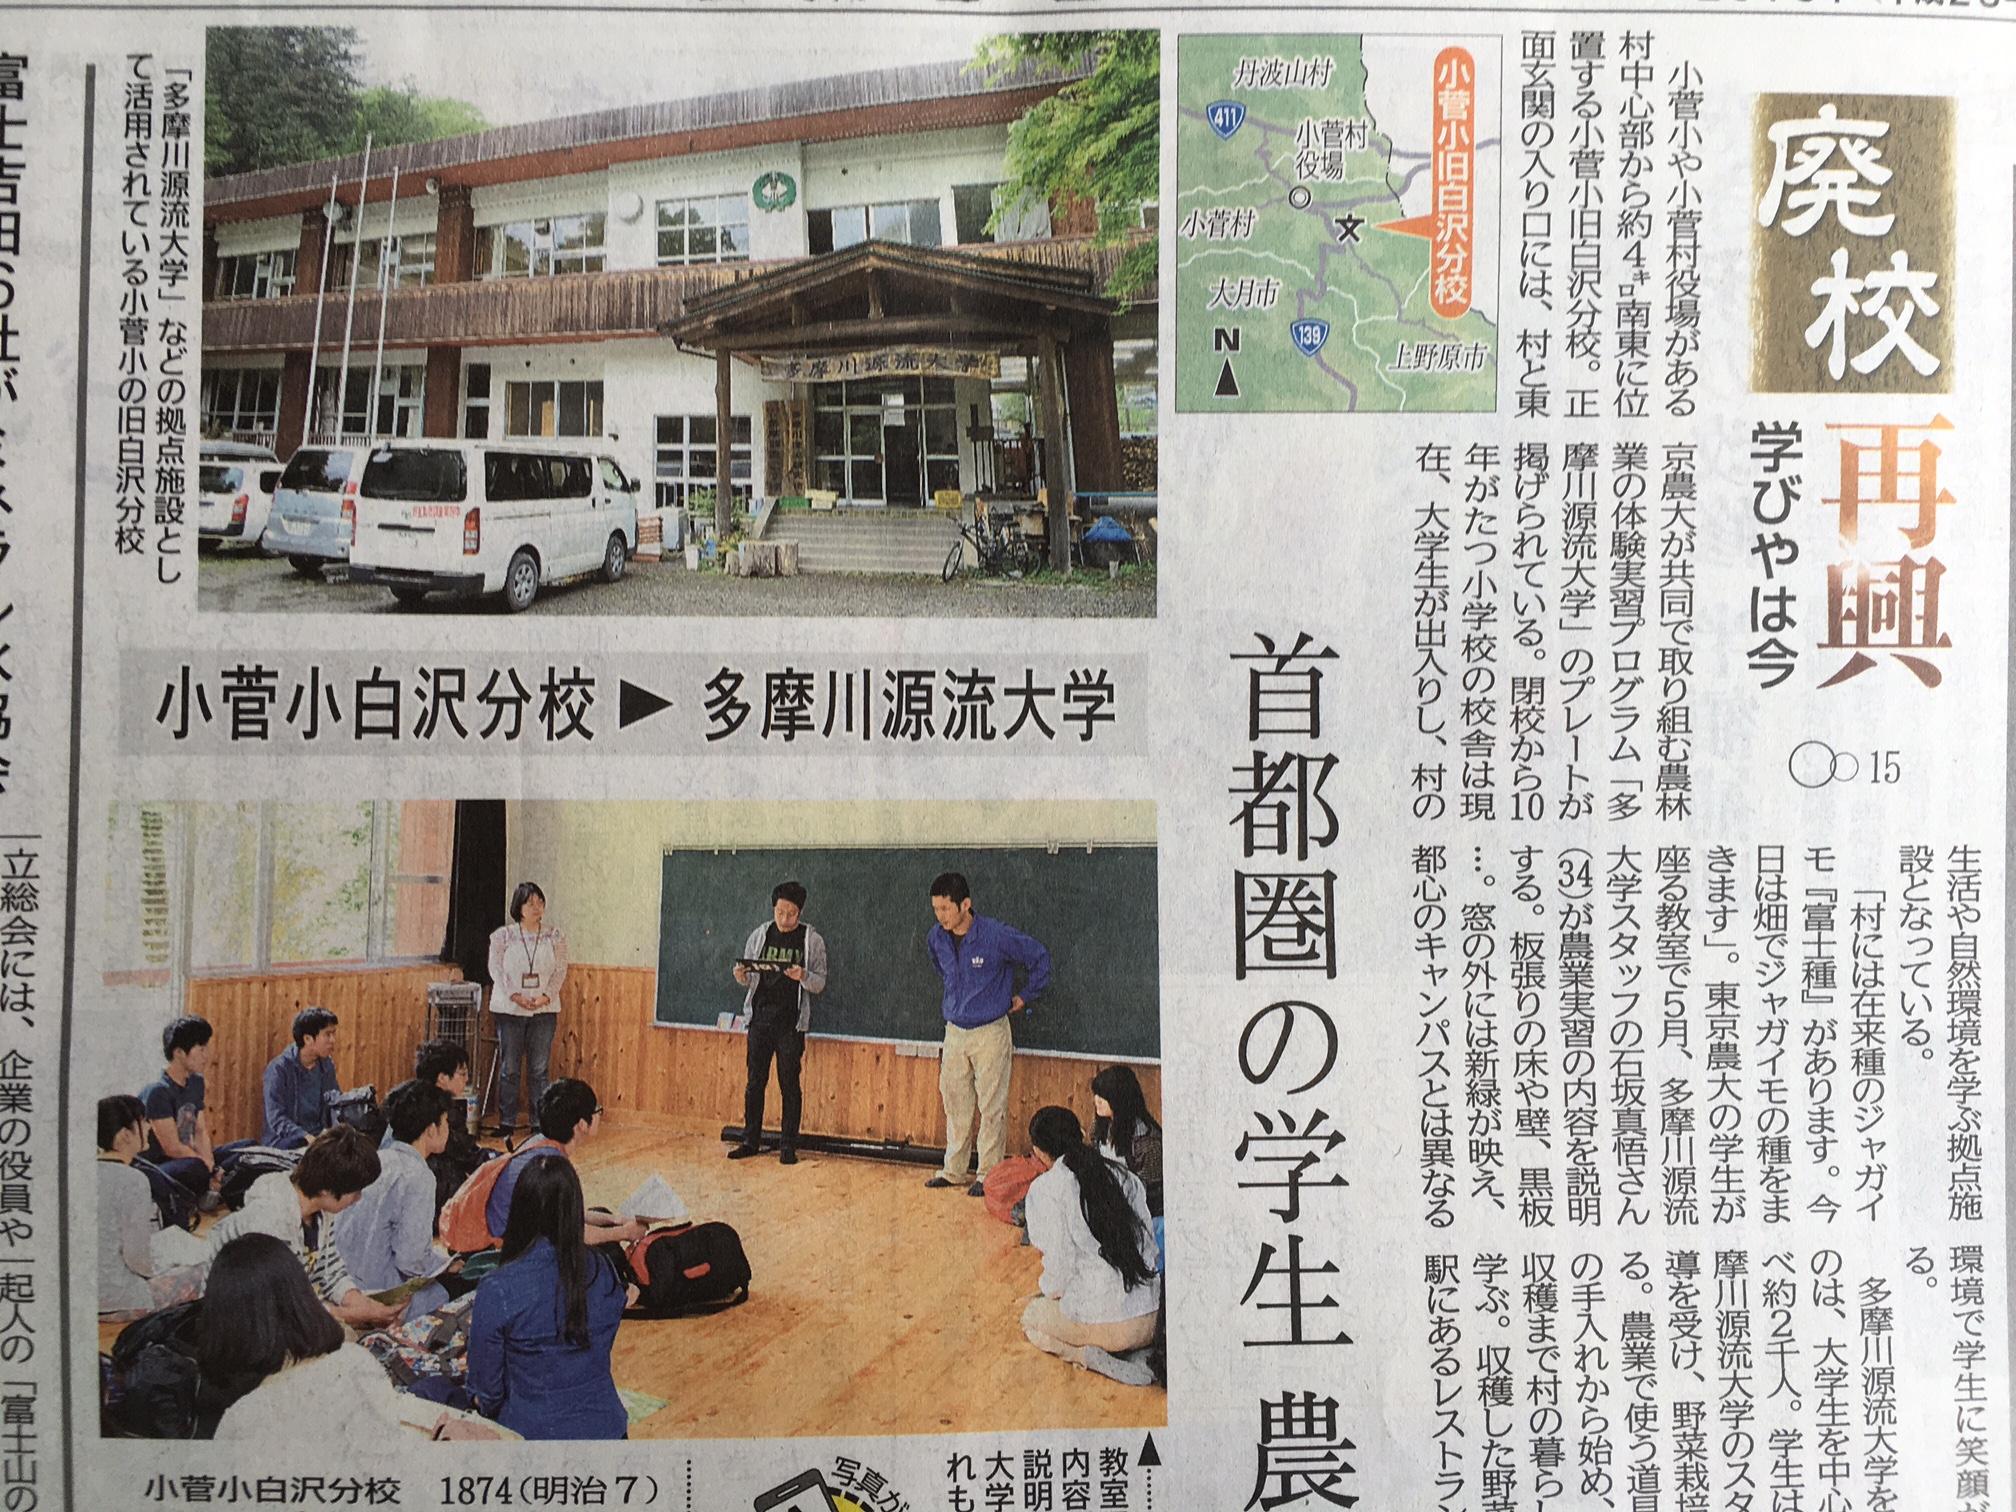 【山梨日日新聞】源流大学が特集「廃校再興~学びやは今~」に掲載